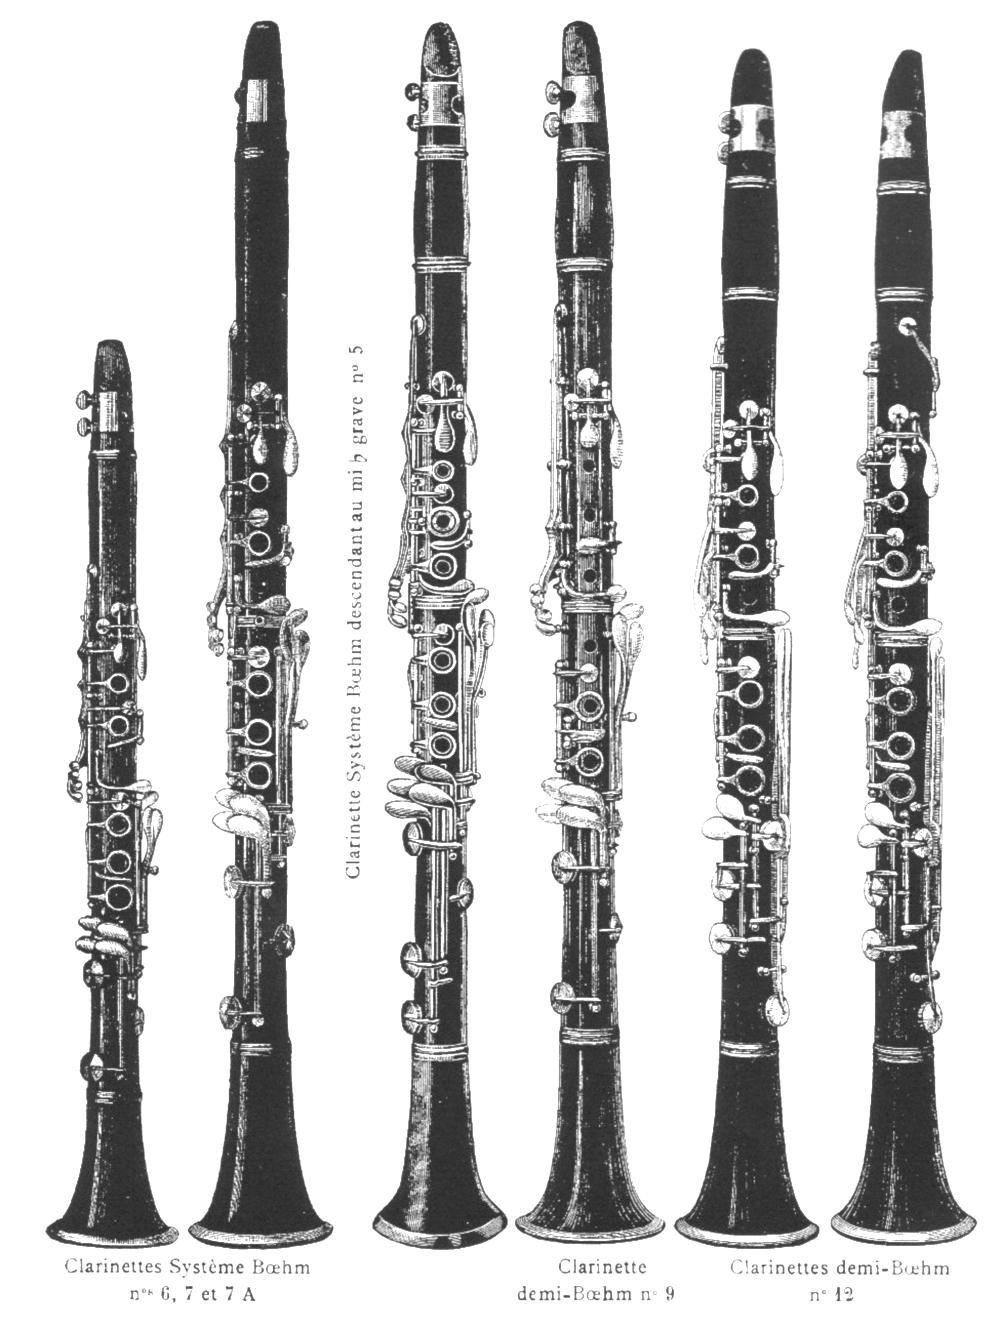 Martin Freres Clarinet Catalog 1905